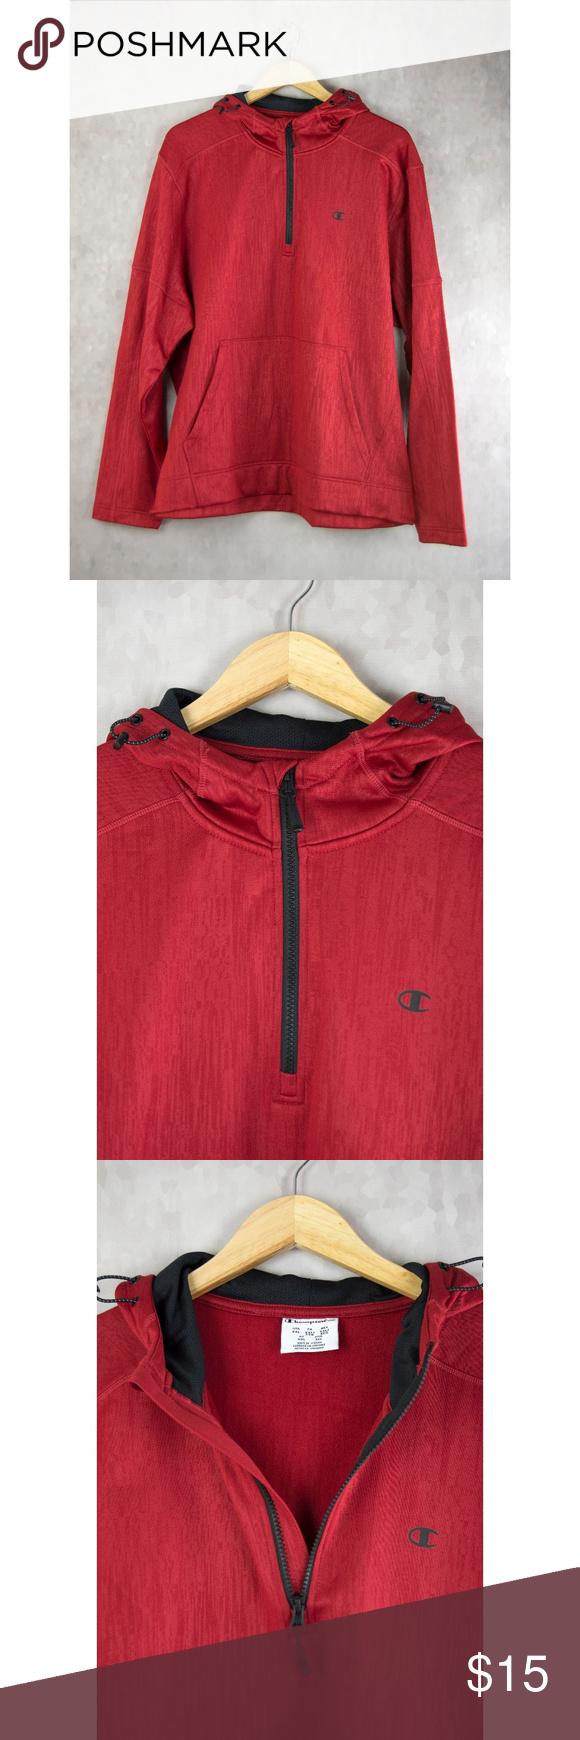 Champion Elite Red Half Zip Hooded Sweatshirt Xxl Hooded Sweatshirts Clothes Design Sweatshirts [ 1740 x 580 Pixel ]